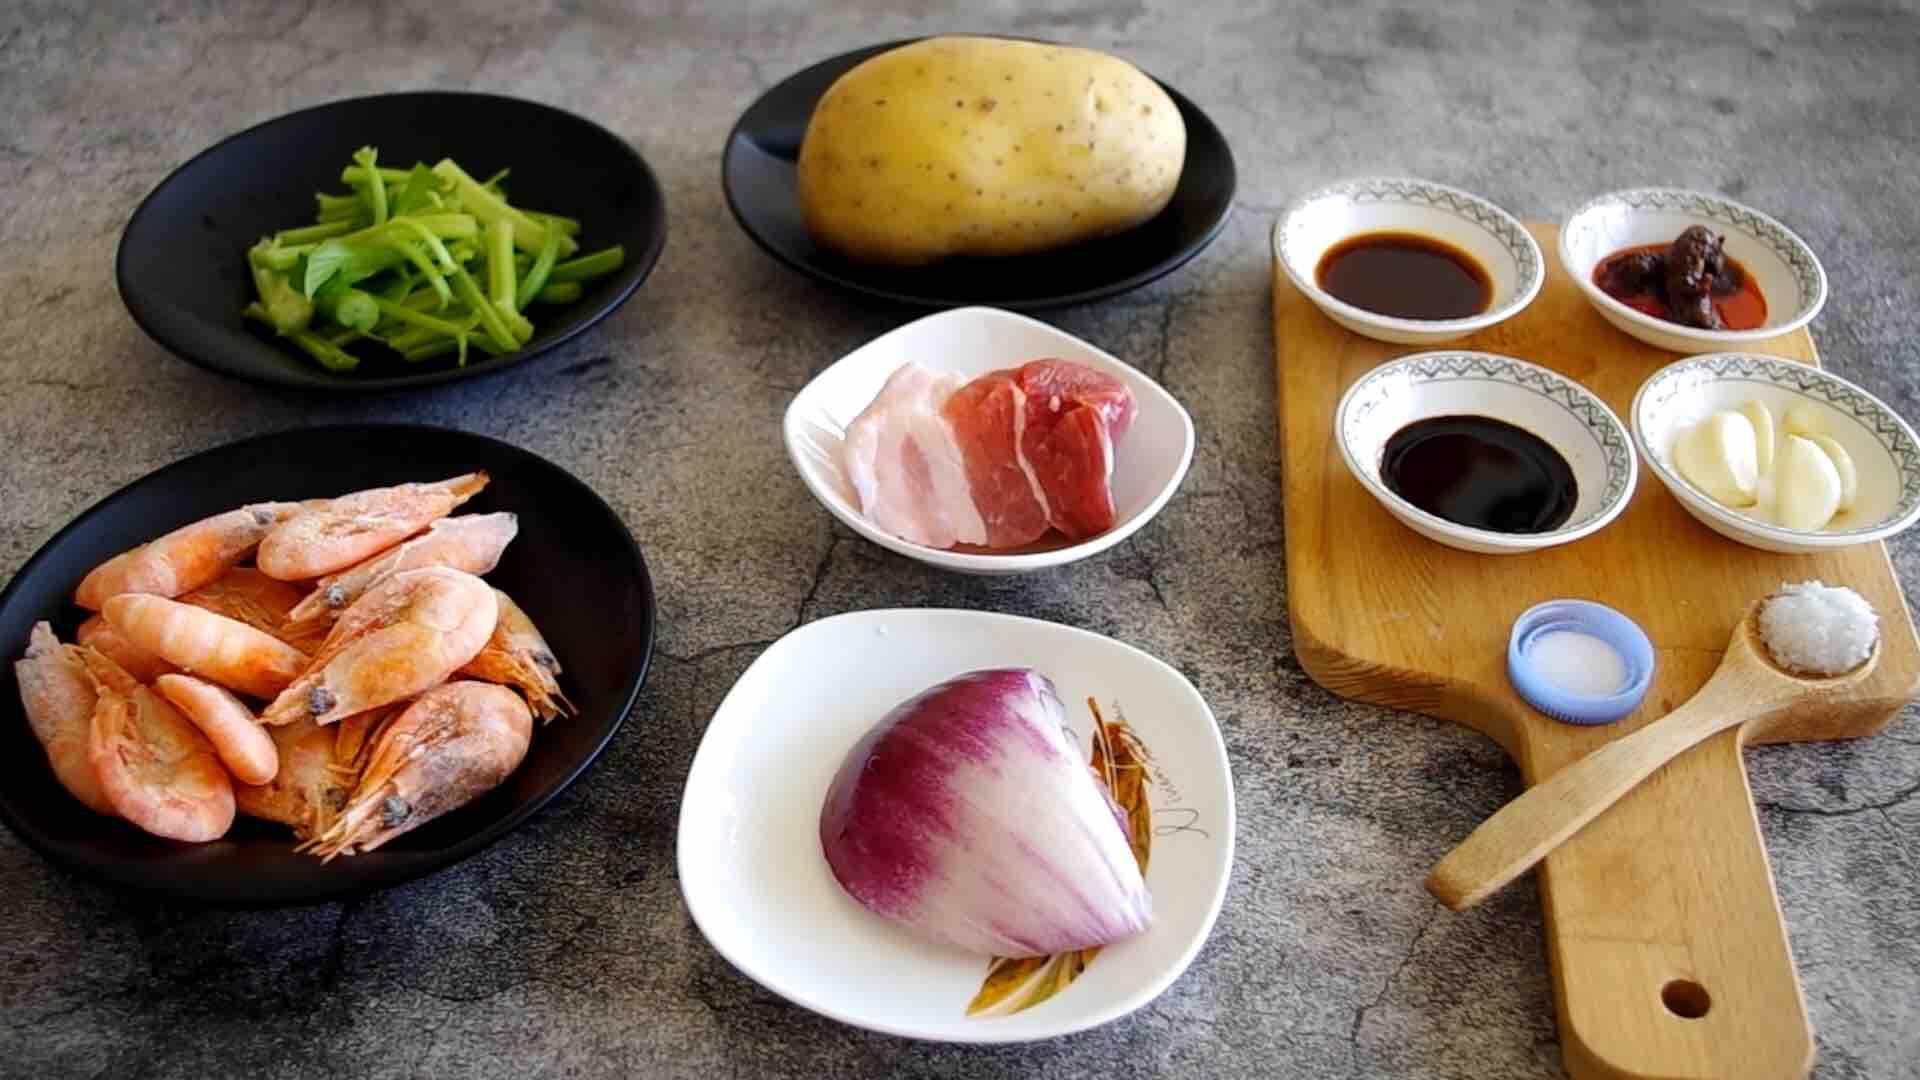 干锅土豆香辣虾的做法大全